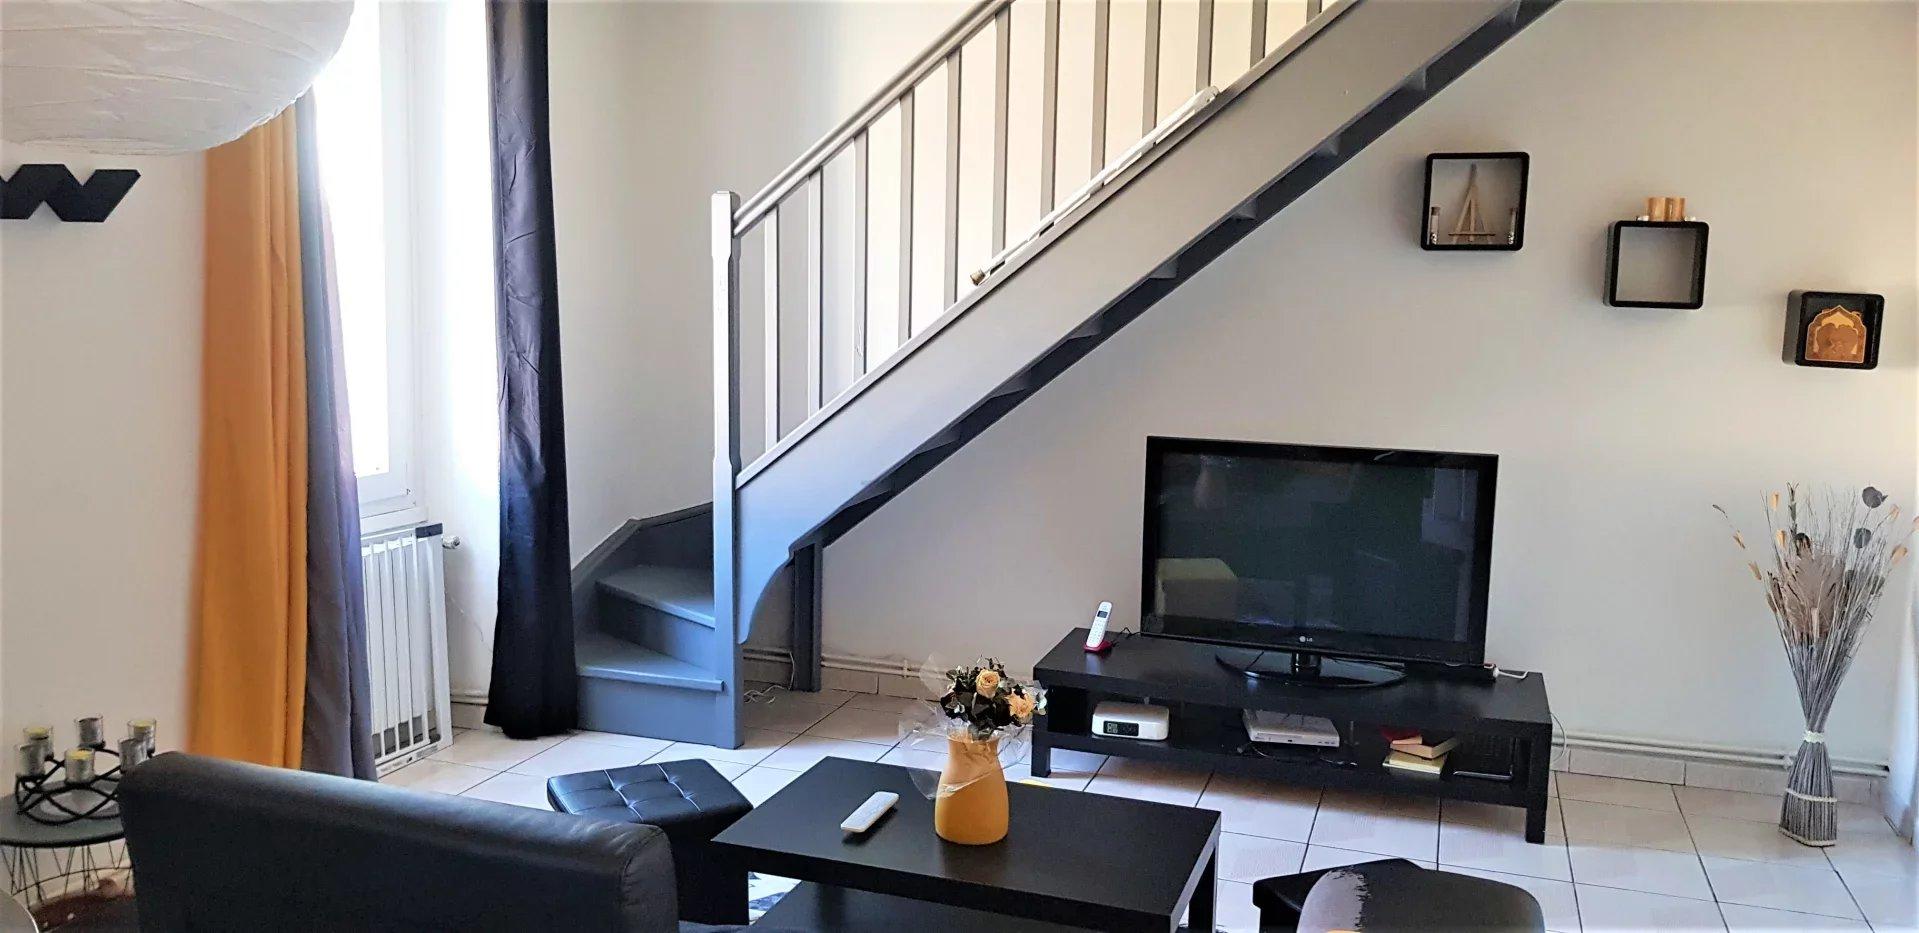 Lorette - Appartement Duplex 5 pièces 87m2 avec terrasse et balcon